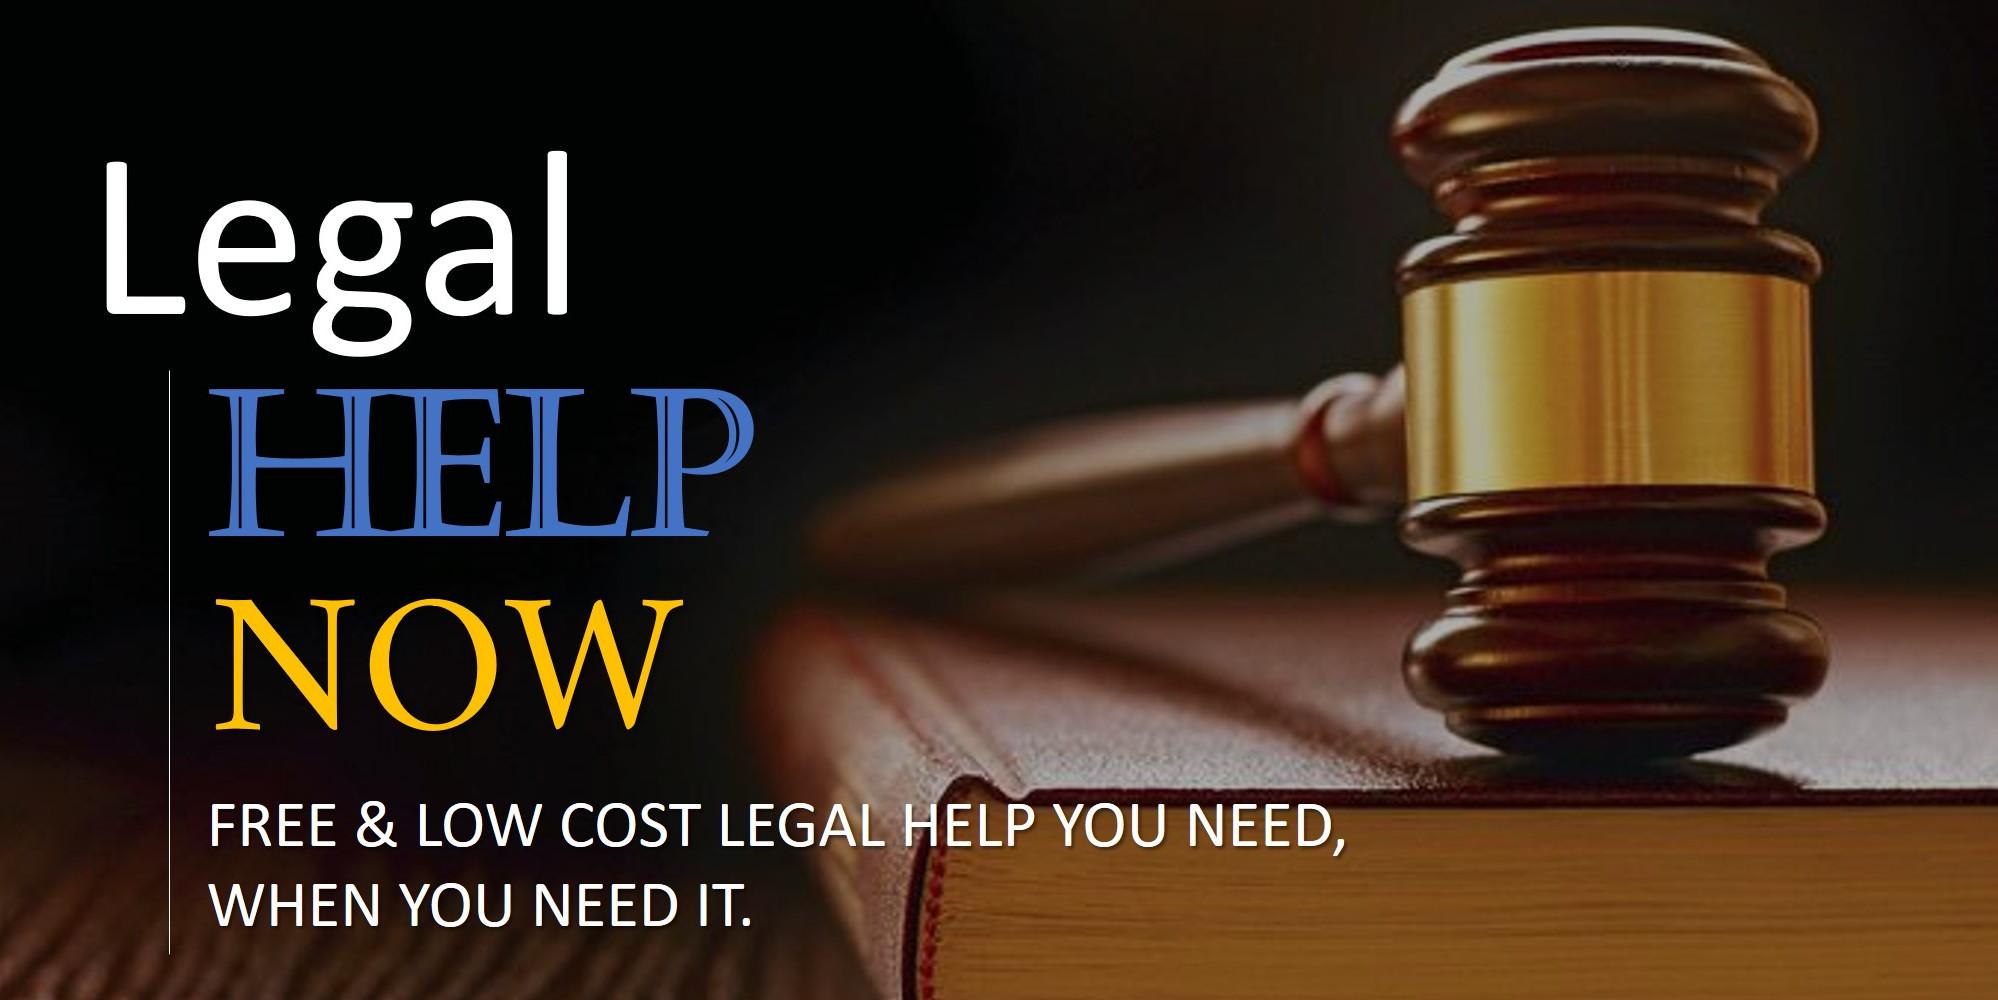 LegalHelpnowBanner8